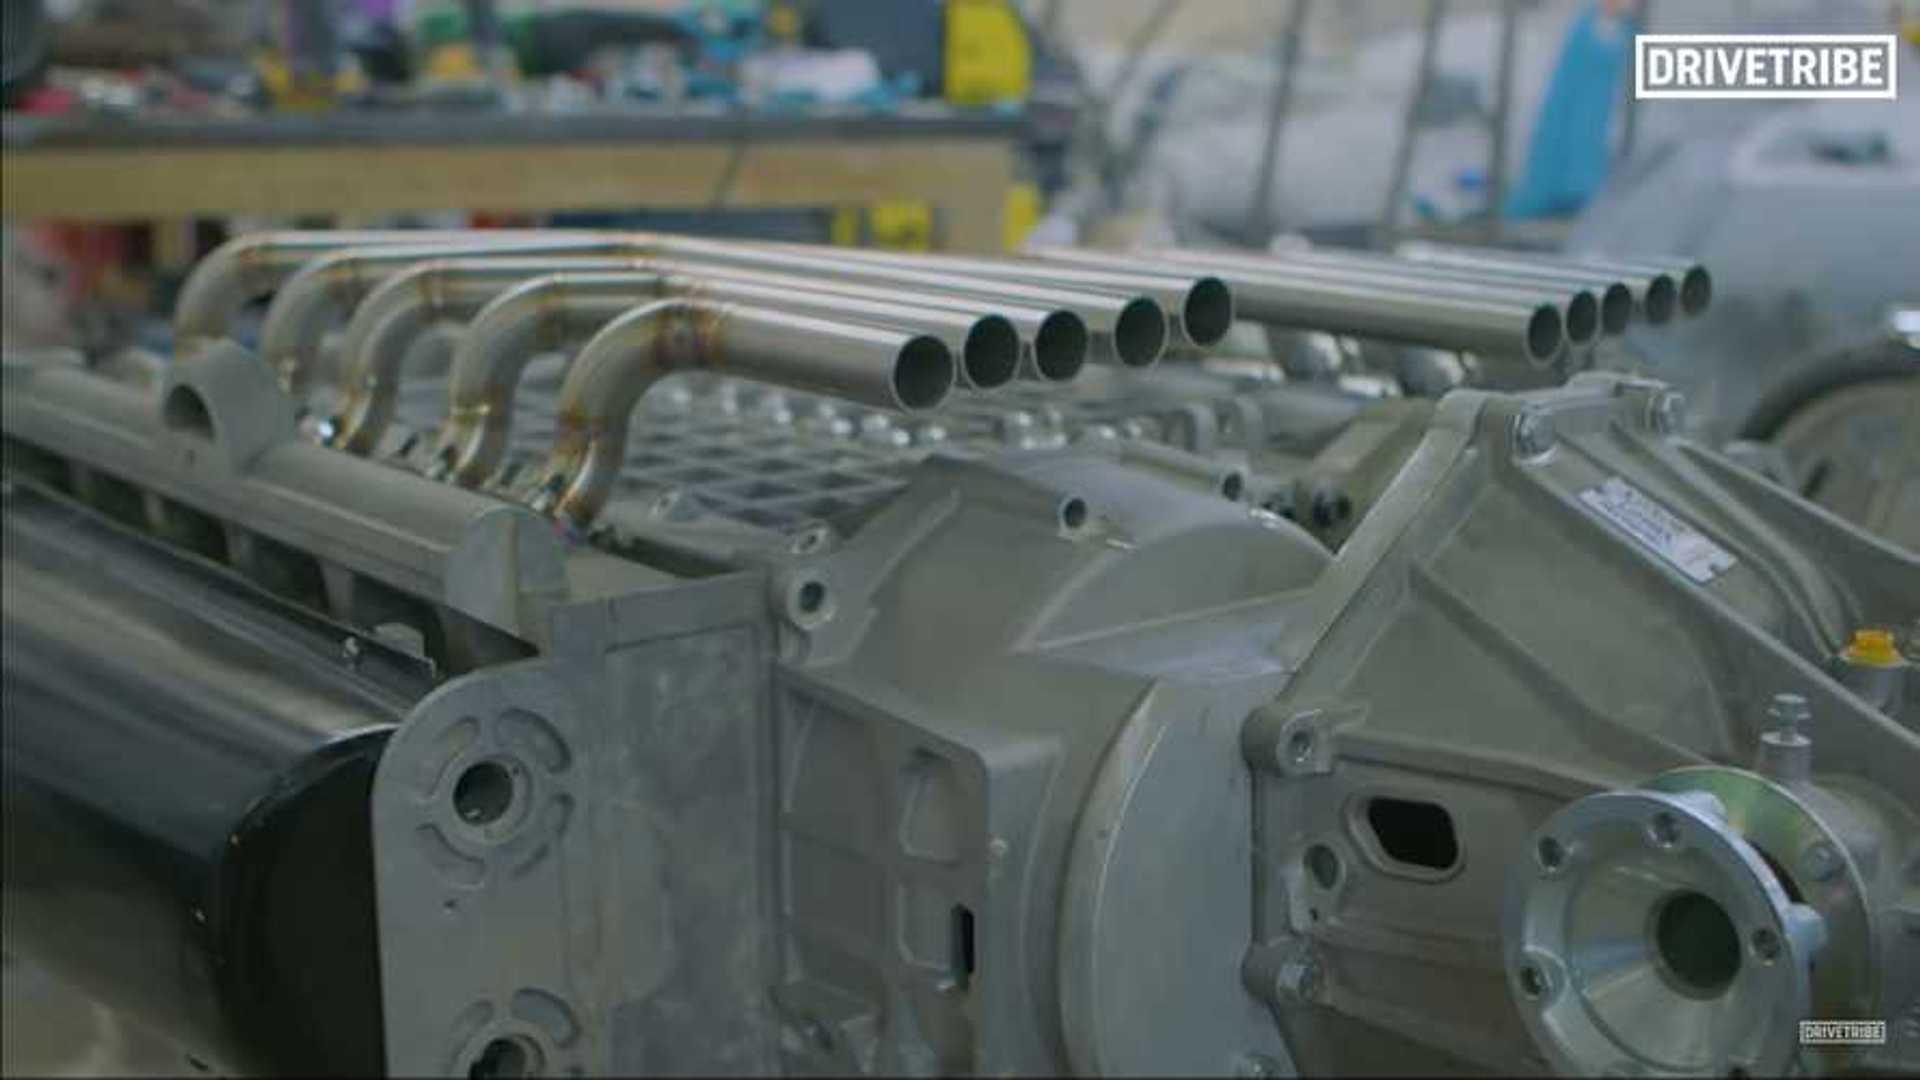 Двигатель X20 — результат слияния двух двигателей V10 вместе